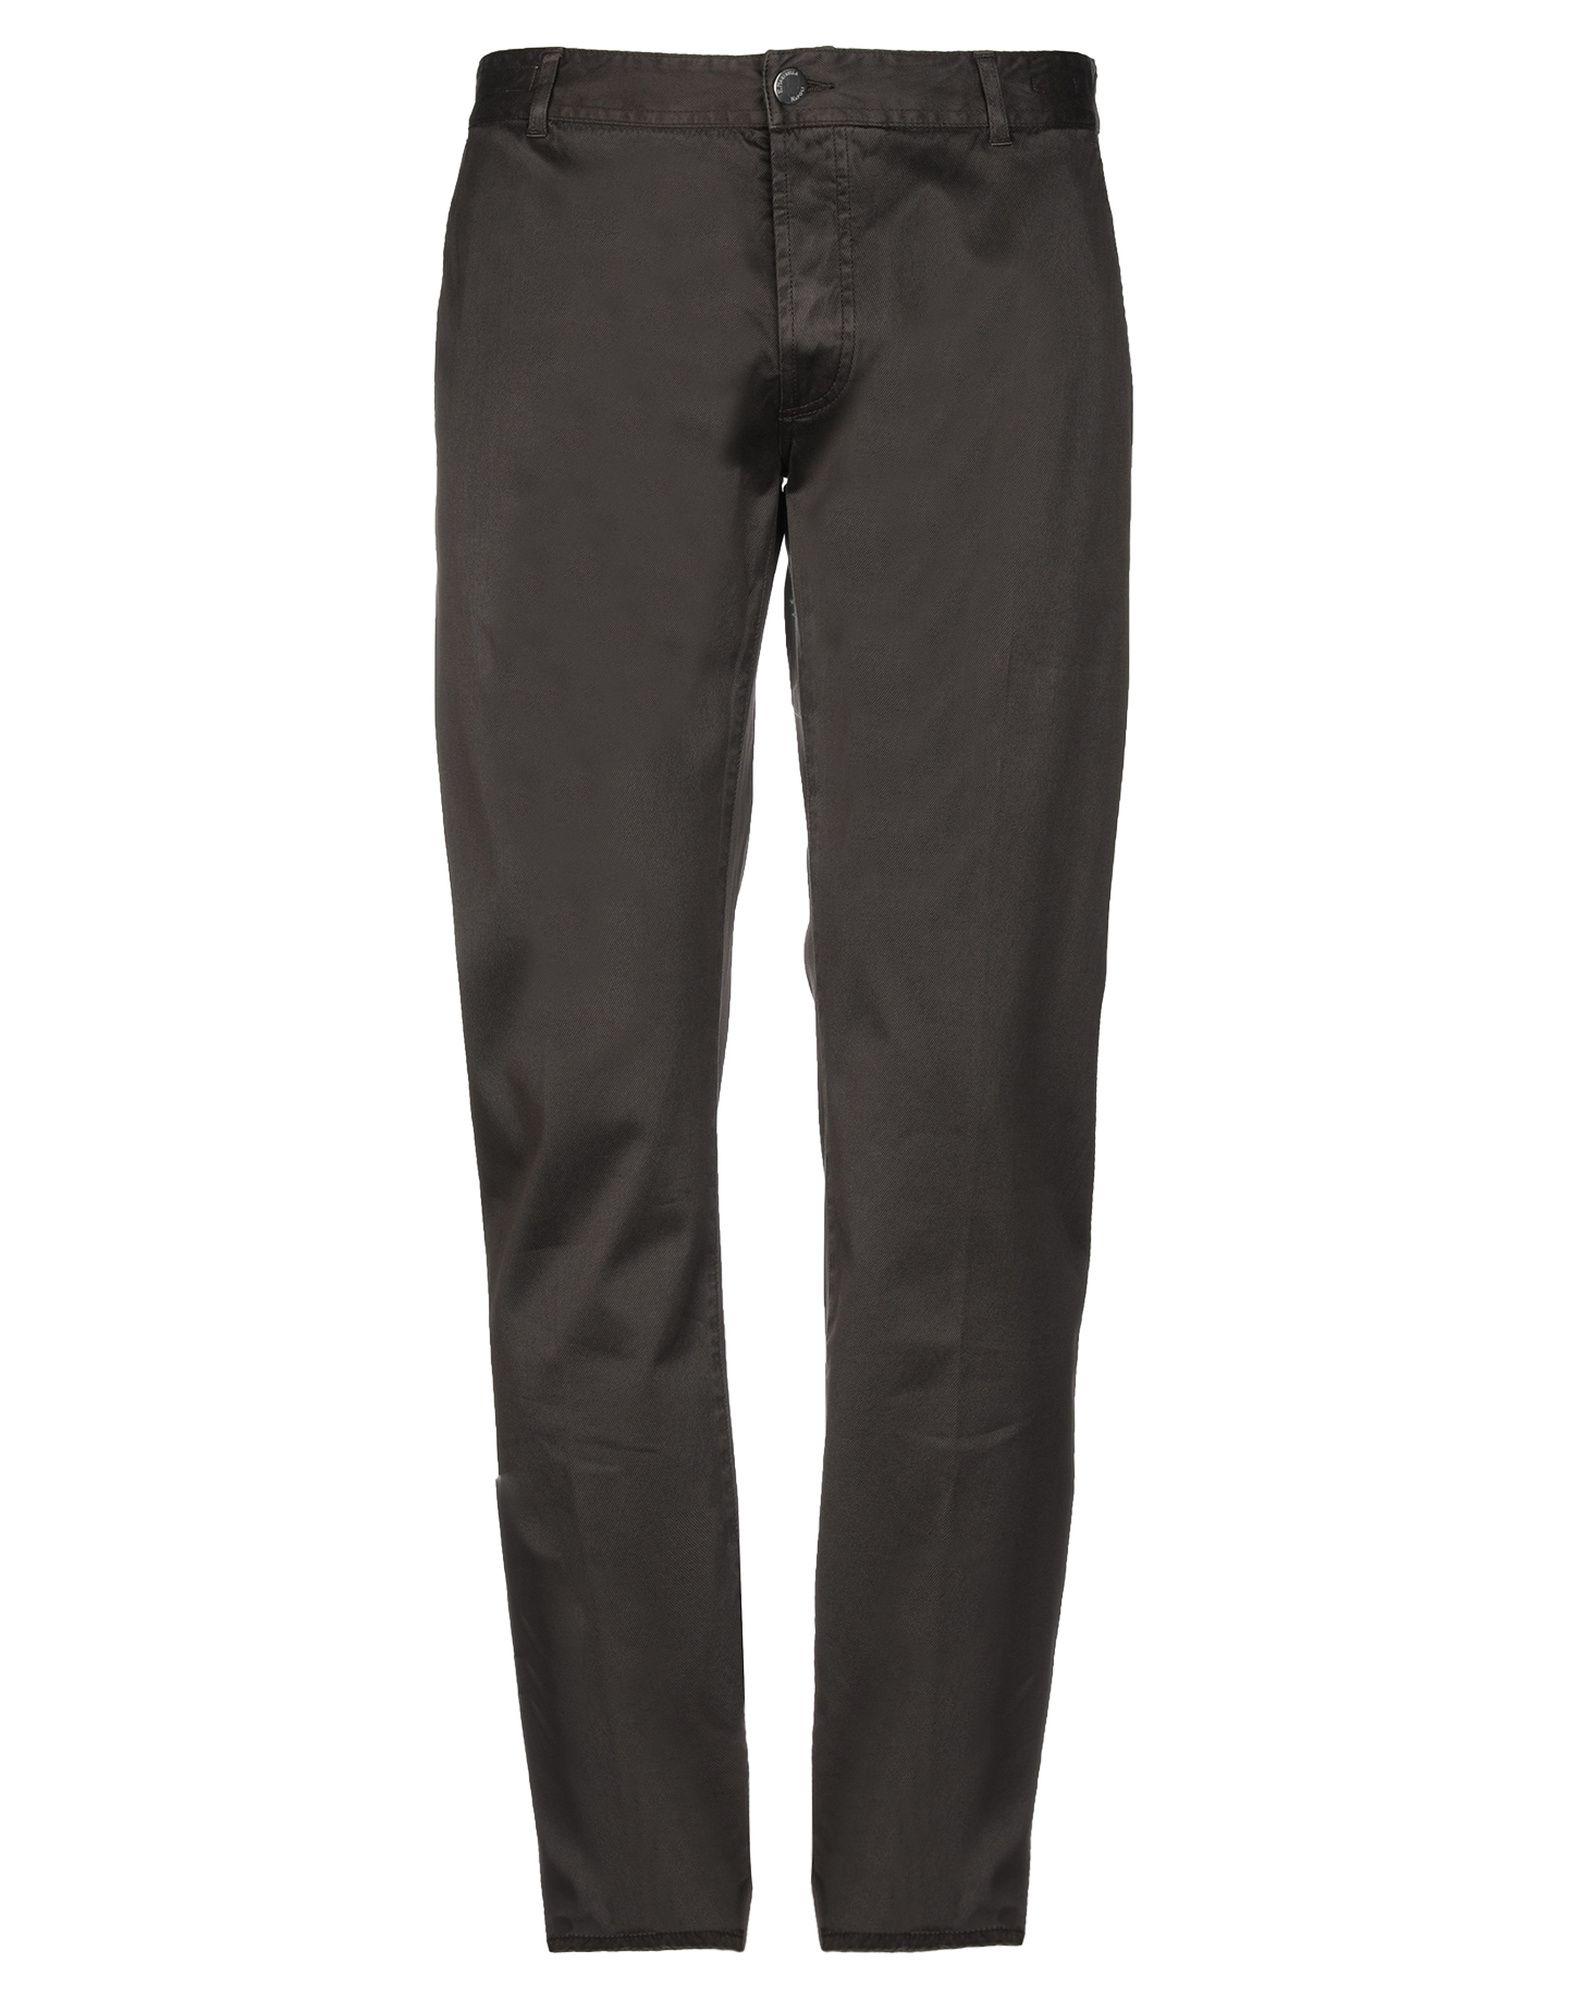 《セール開催中》E.MARINELLA メンズ パンツ ダークブラウン 33 コットン 98% / ポリウレタン 2%